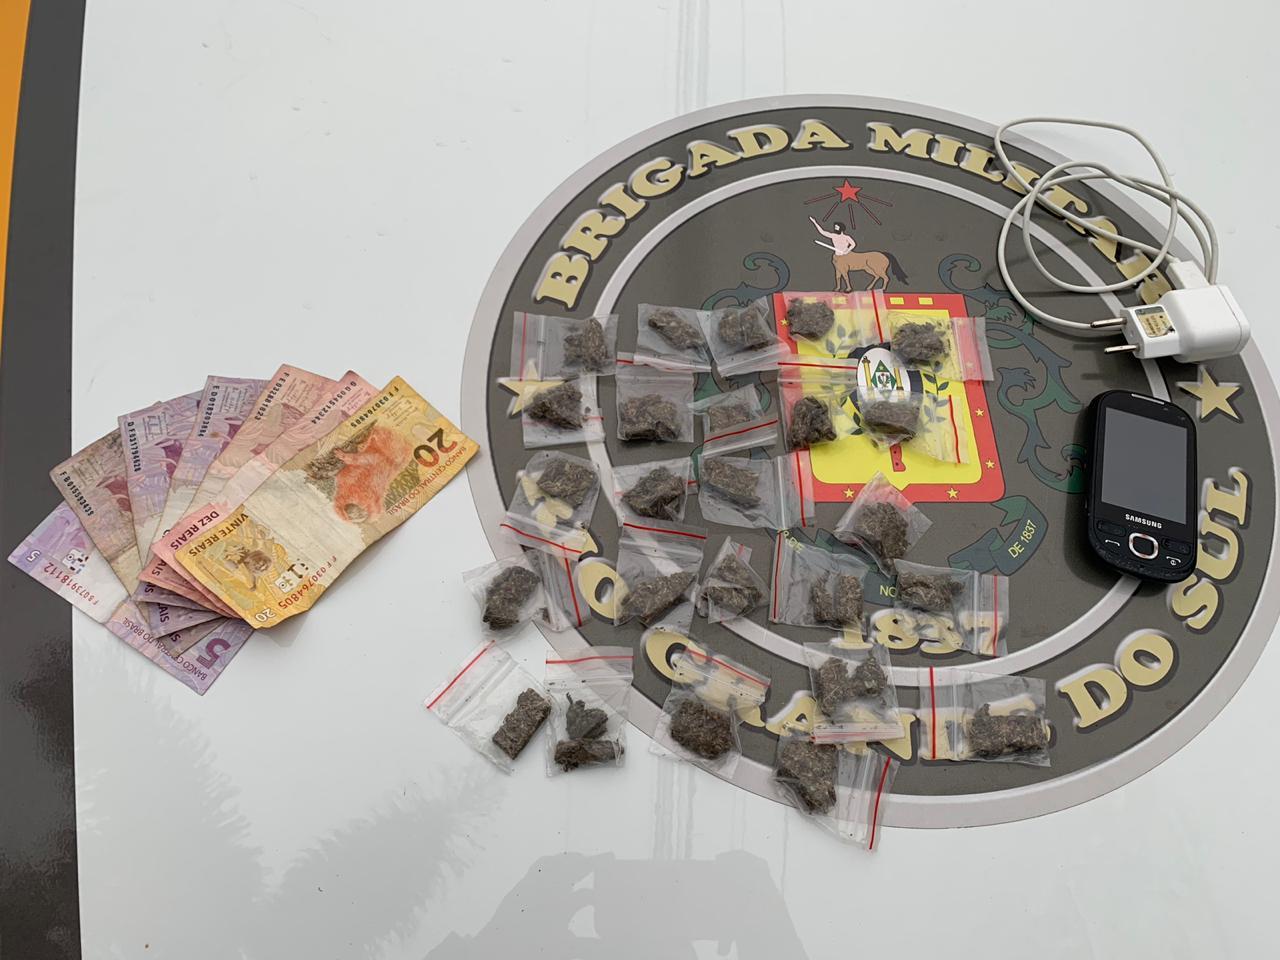 Brigada Militar apreende adolescente com drogas na Praça Centenário em Bento